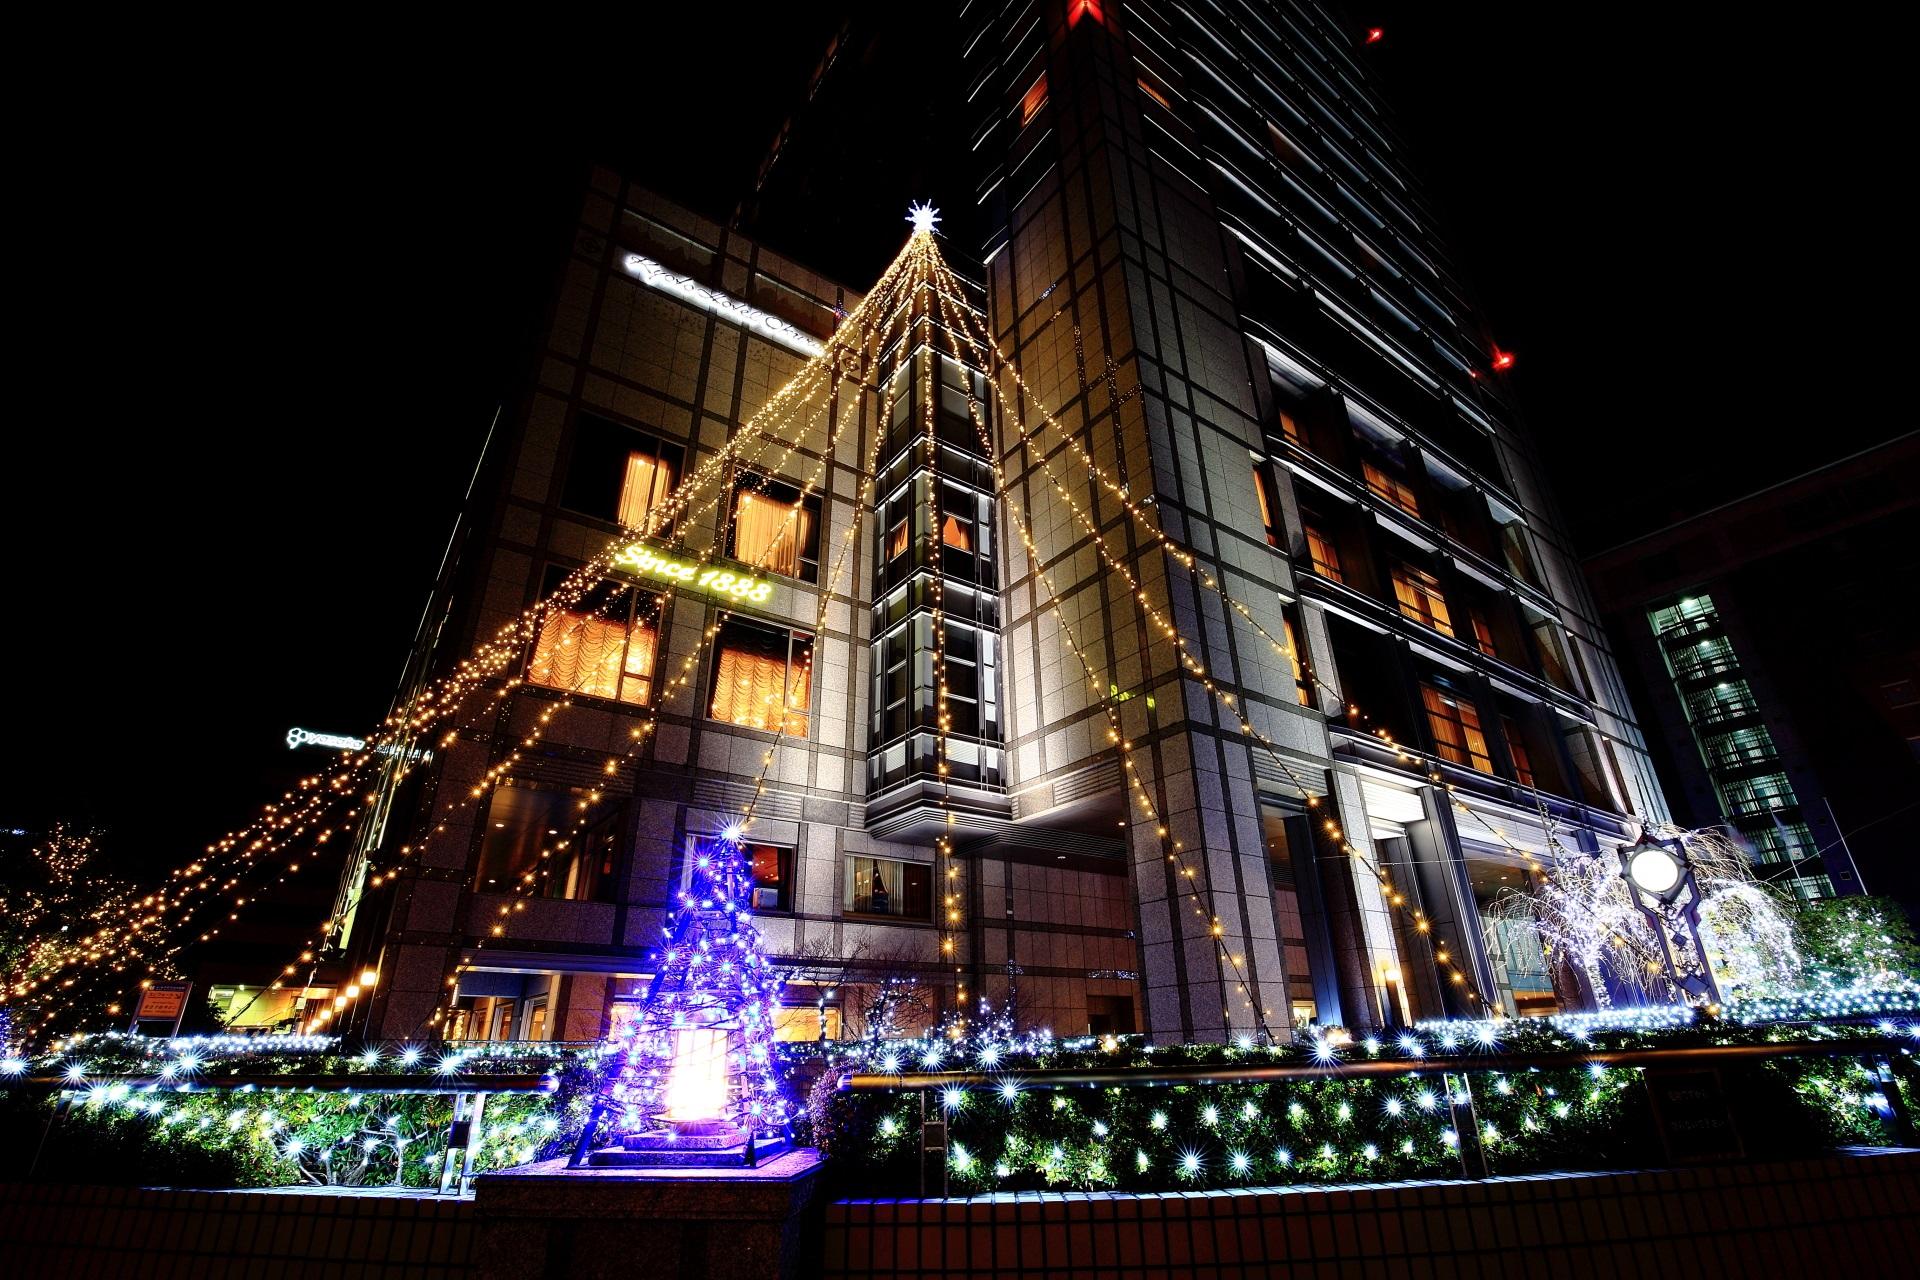 高画質 写真 京都ホテルオークラ イルミネーション